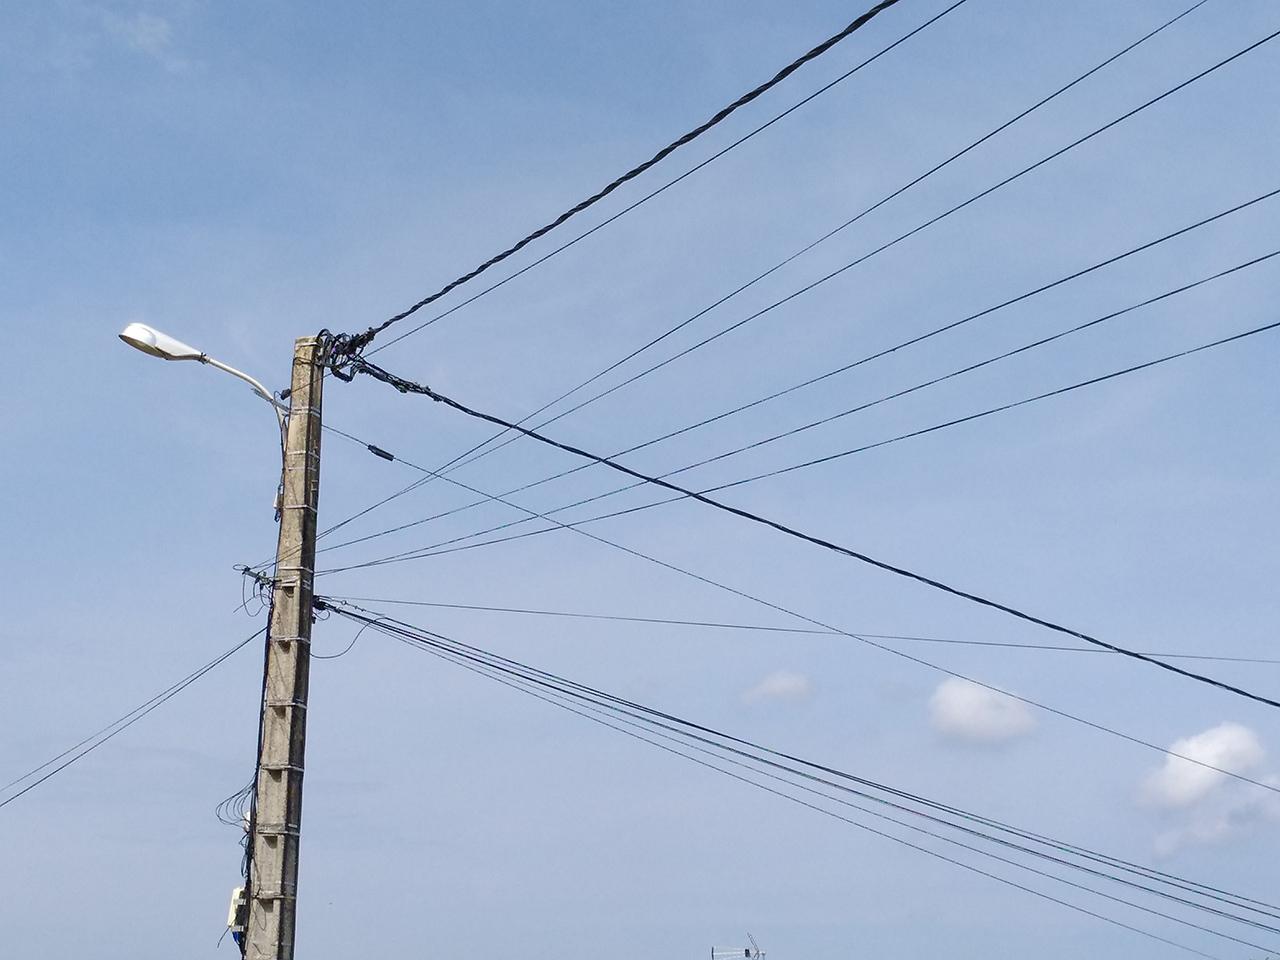 Vaugneray : Ils Détournaient Des Lignes Téléphoniques Et ... intérieur Piscine Vaugneray